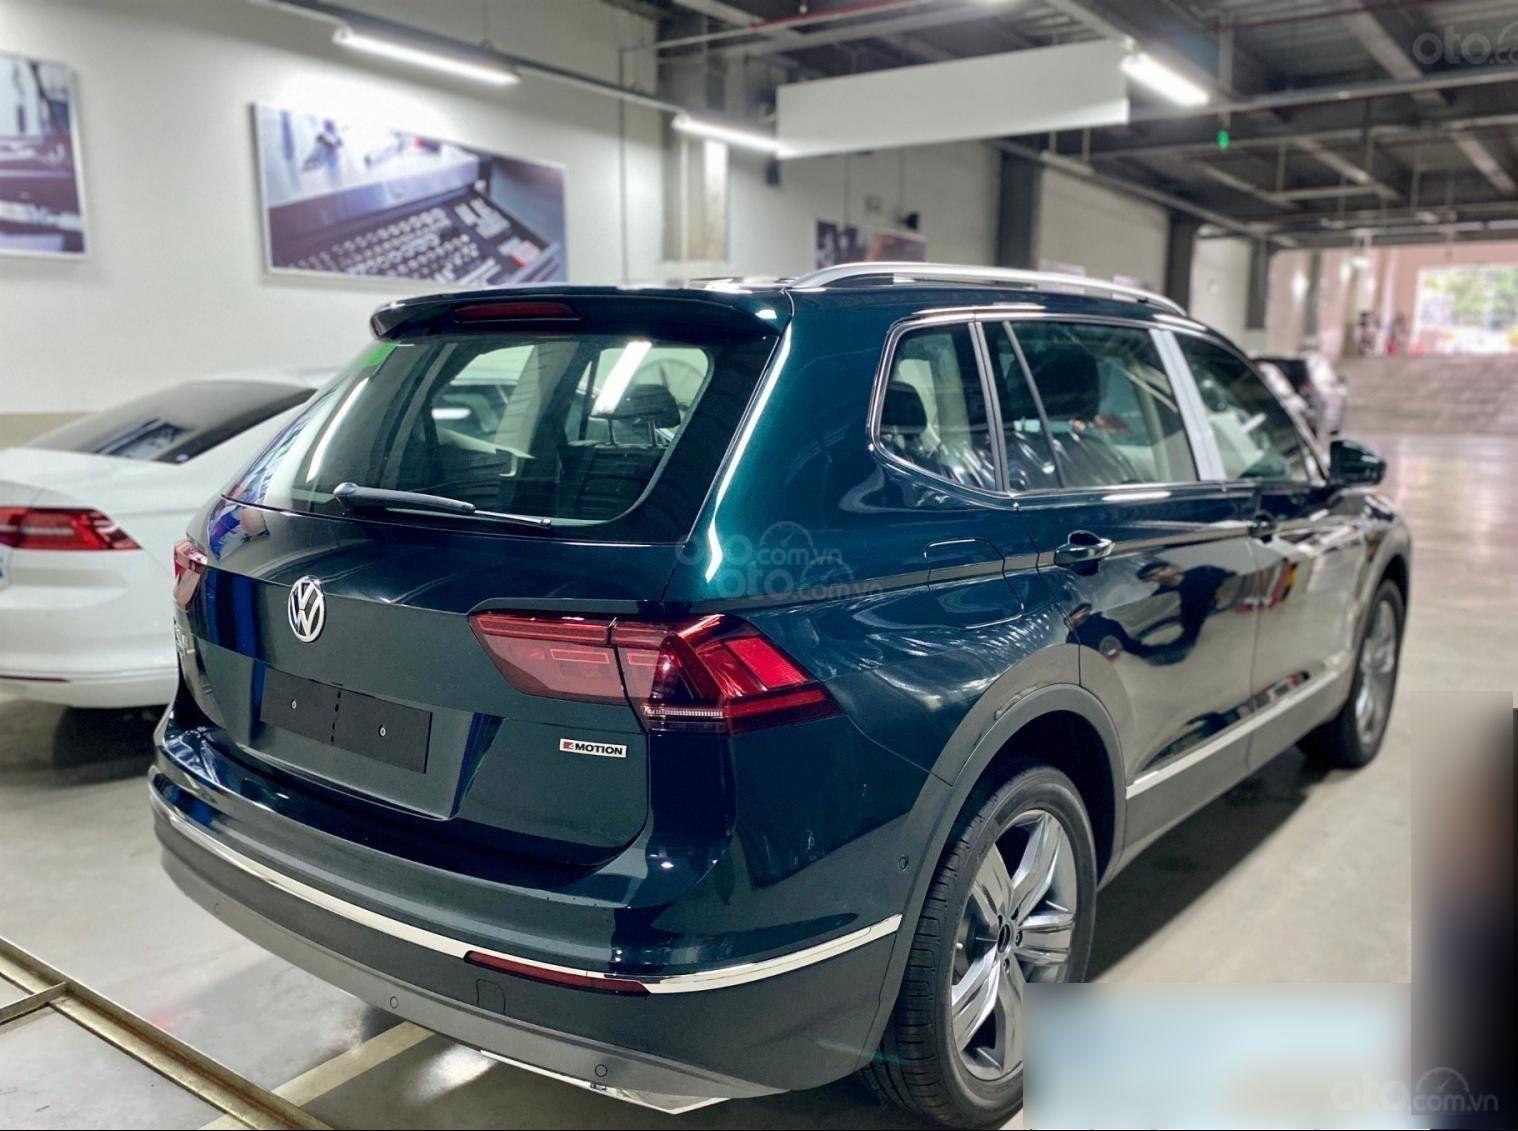 Khuyến mãi 120 triệu cho dòng VW Tiguan Luxury 2020 - Lái thử xe tận nhà - Giá chỉ còn: 1,679 tỷ + phụ kiện (4)